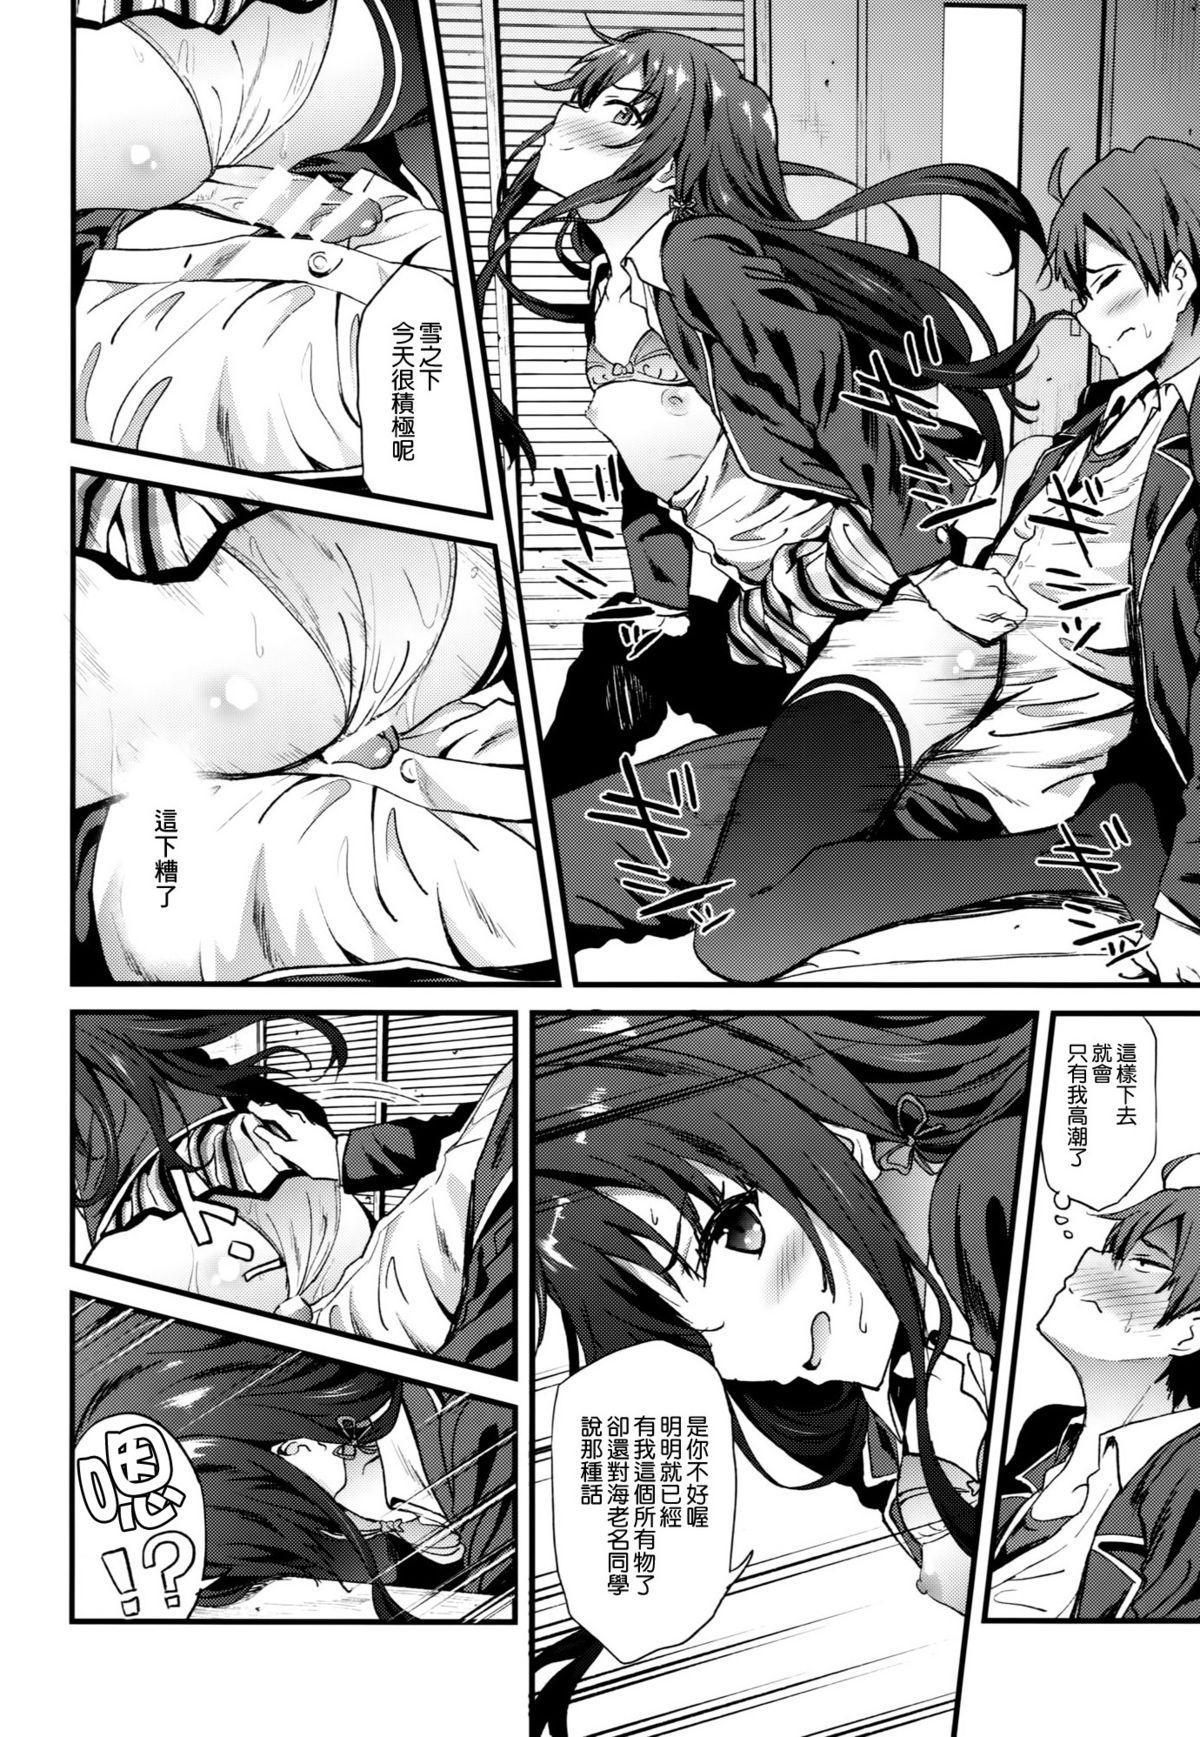 Yahari Ore wa Hentai Love Come ga Ii. 3 11